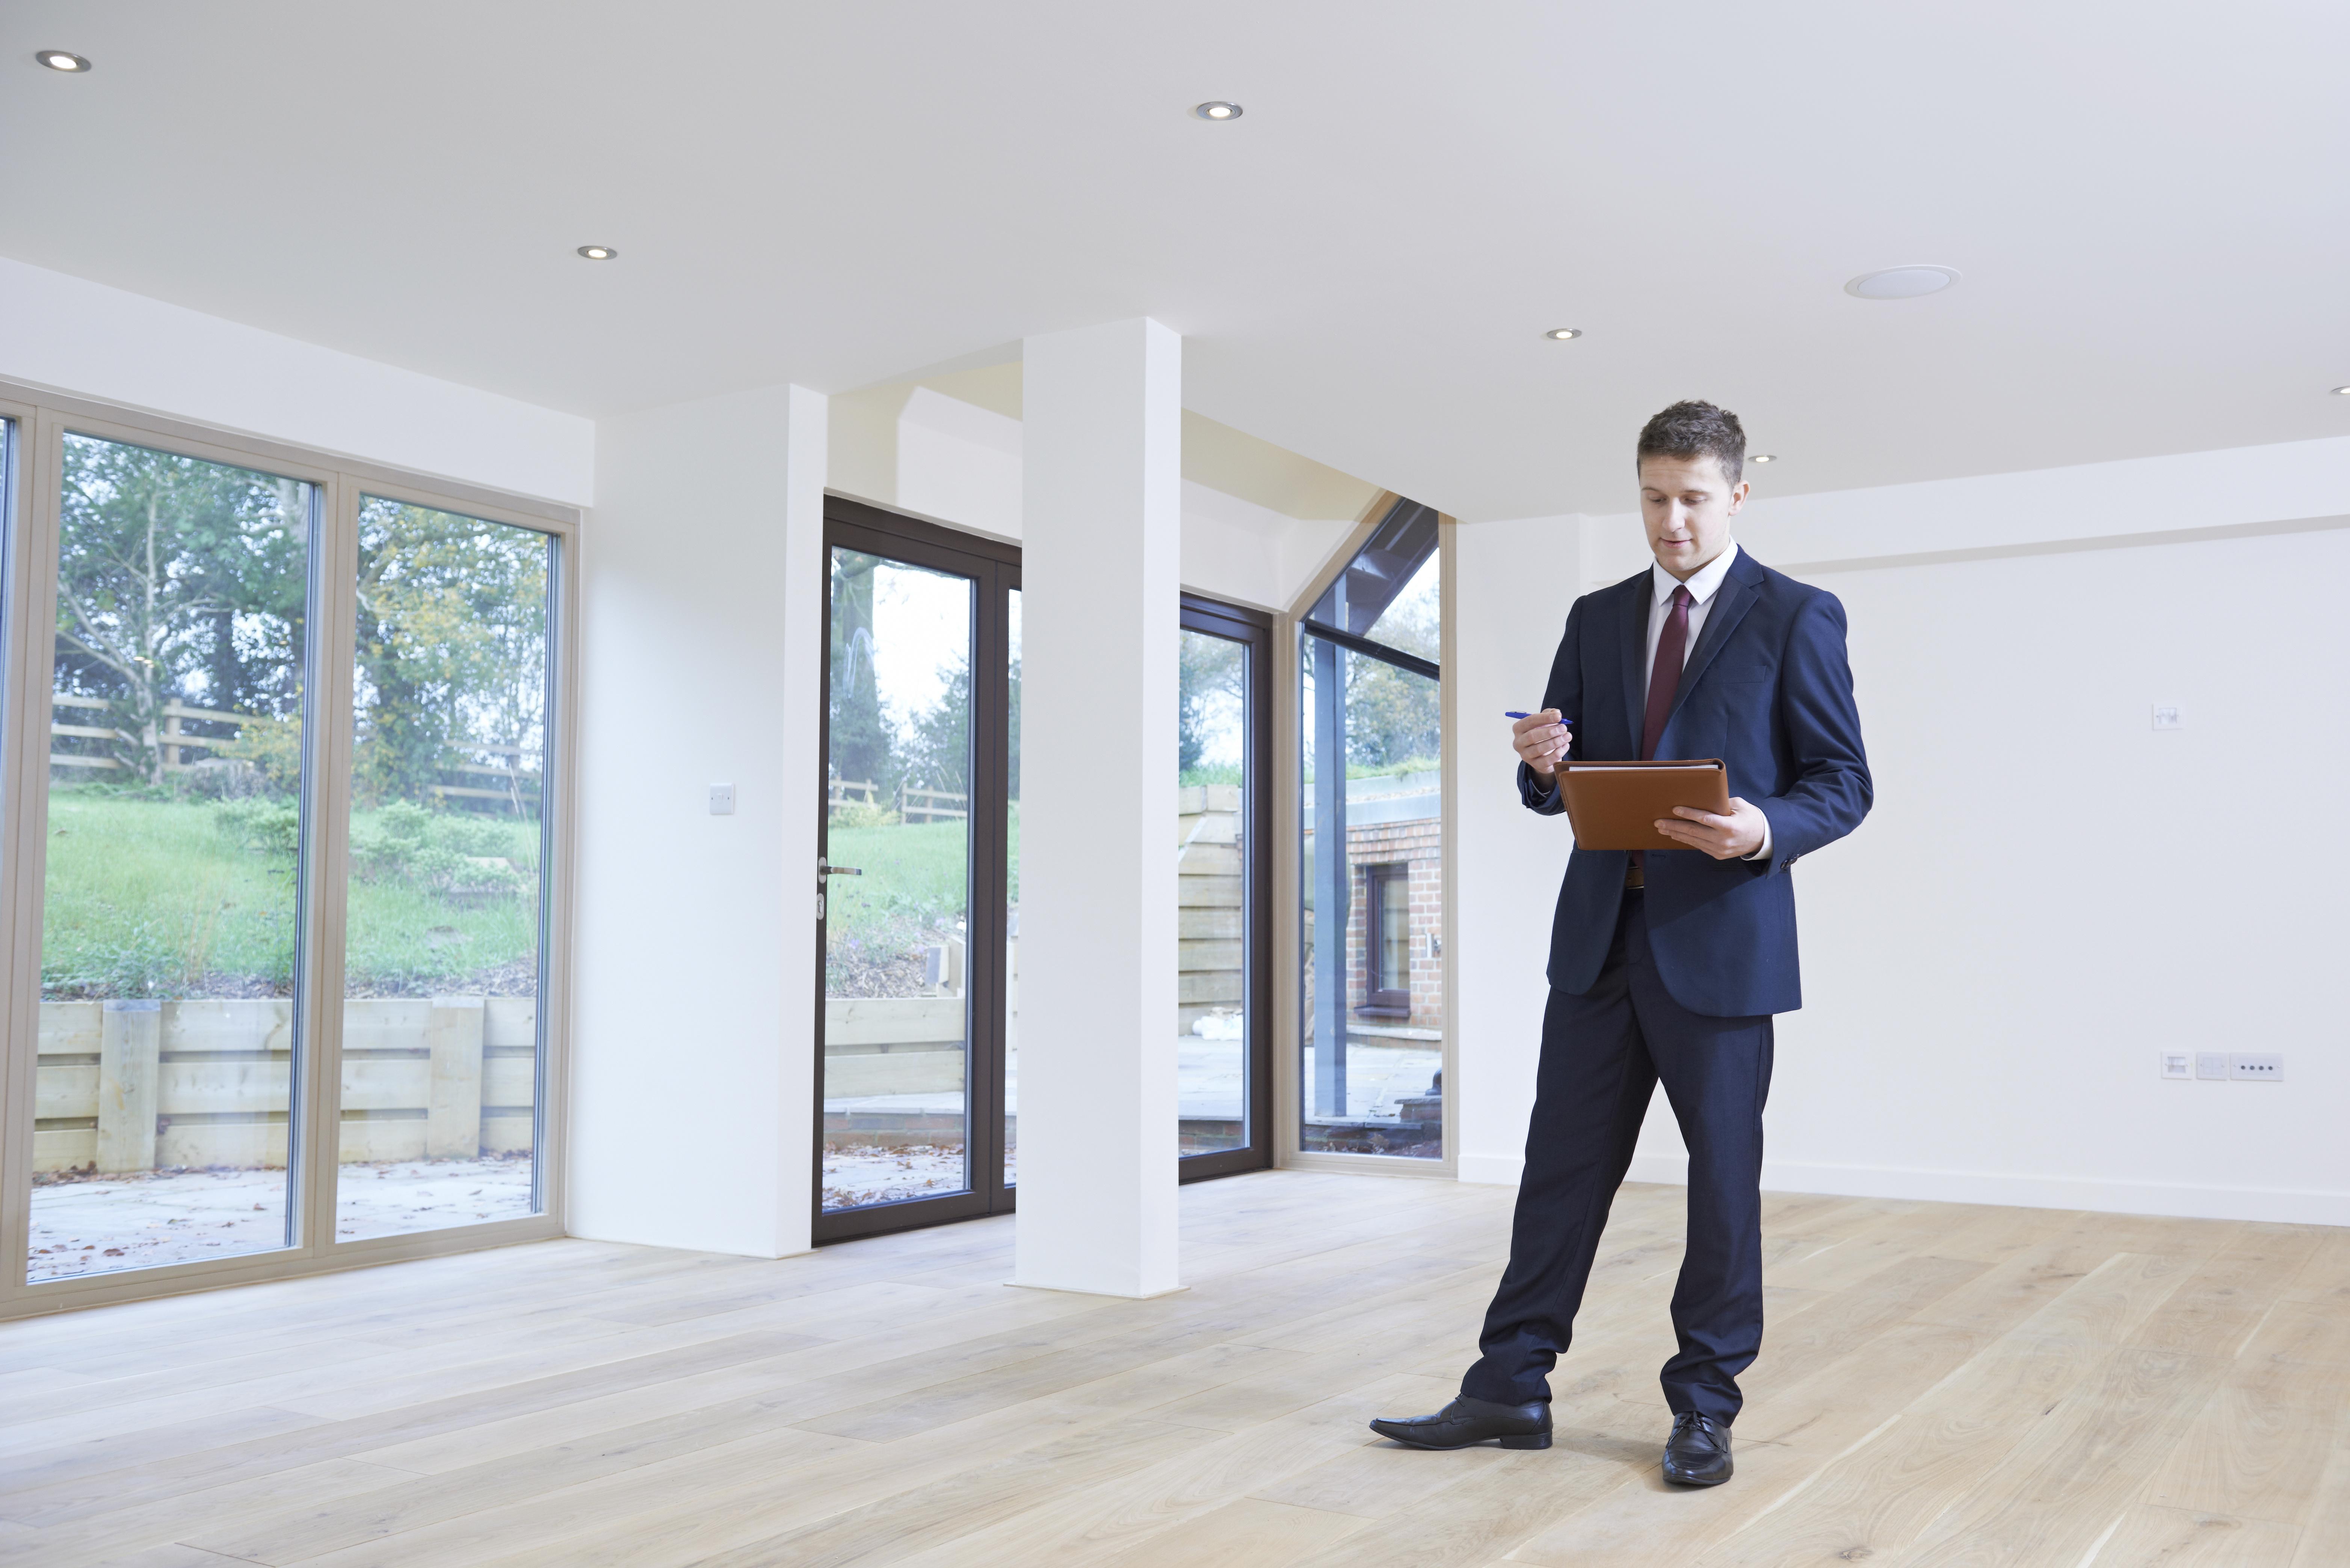 courtier-immobilier-evaluer-valeur-maison-prix-de-vente.